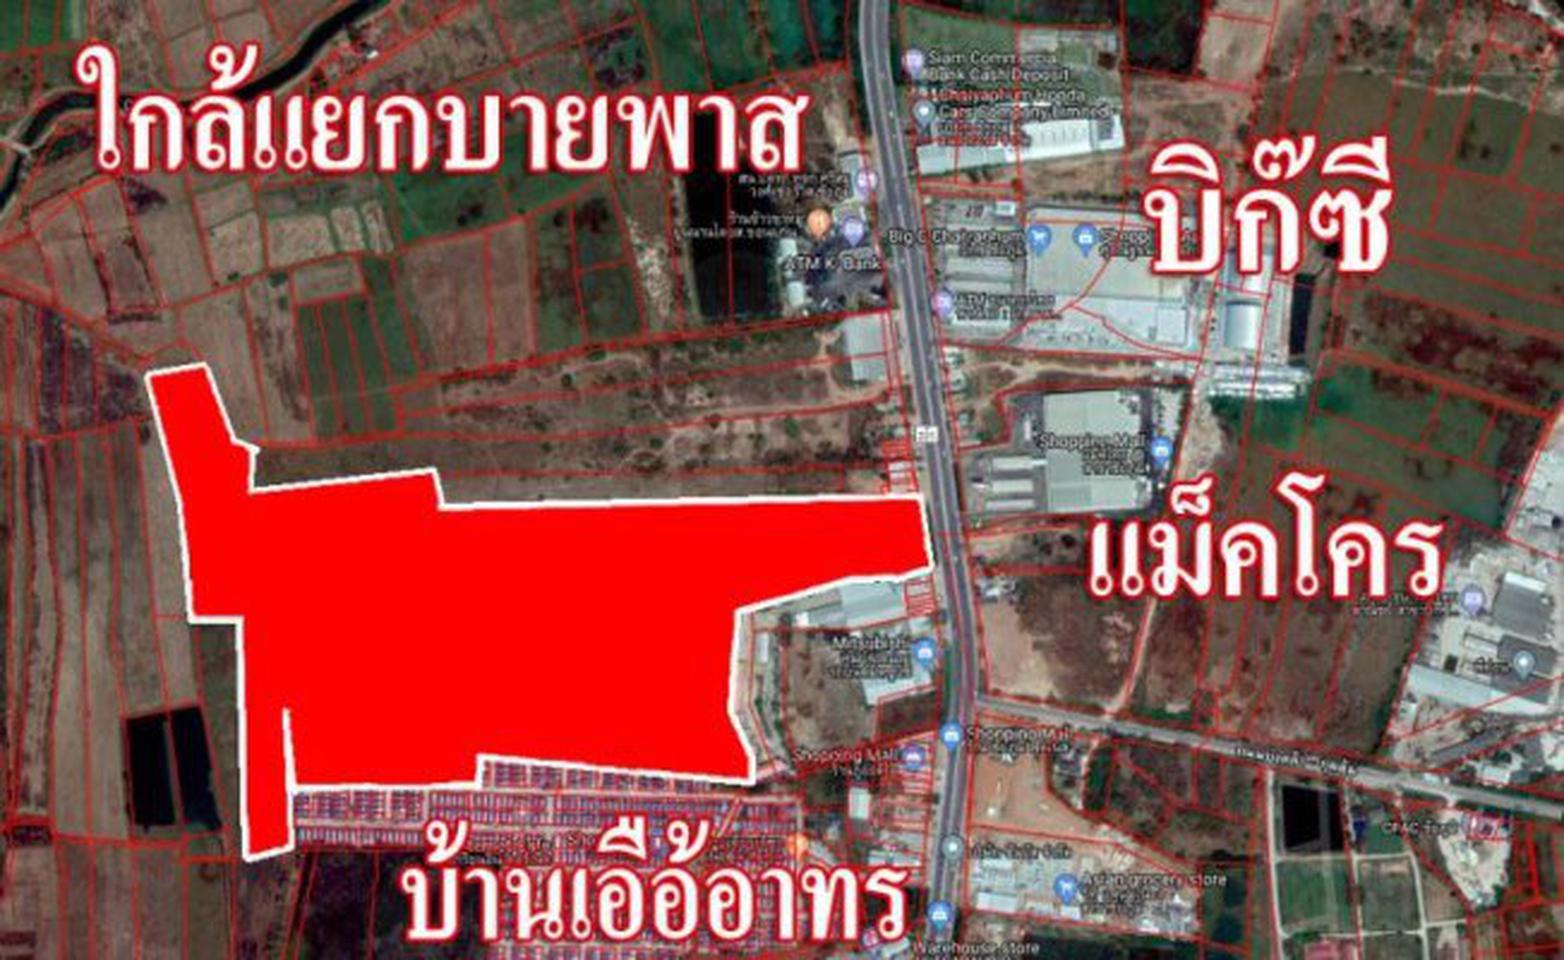 ขายที่ดินน่าลงทุน ถ.ชัยภูมิ-สีคิ้ว อ.เมืองชัยภูมิ จ.ชัยภูมิ รูปที่ 6